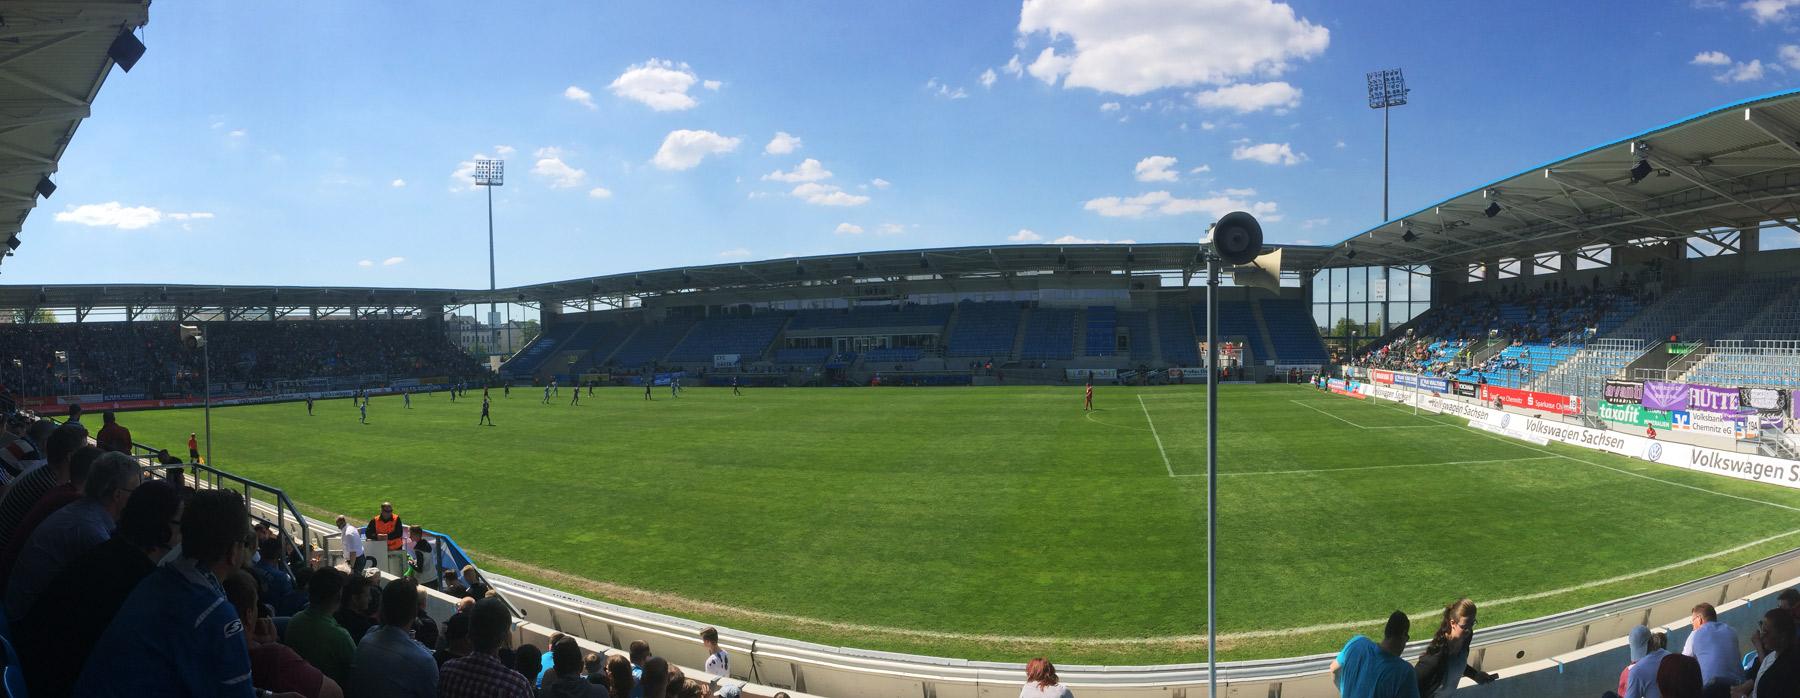 Fußballstadion Chemnitz